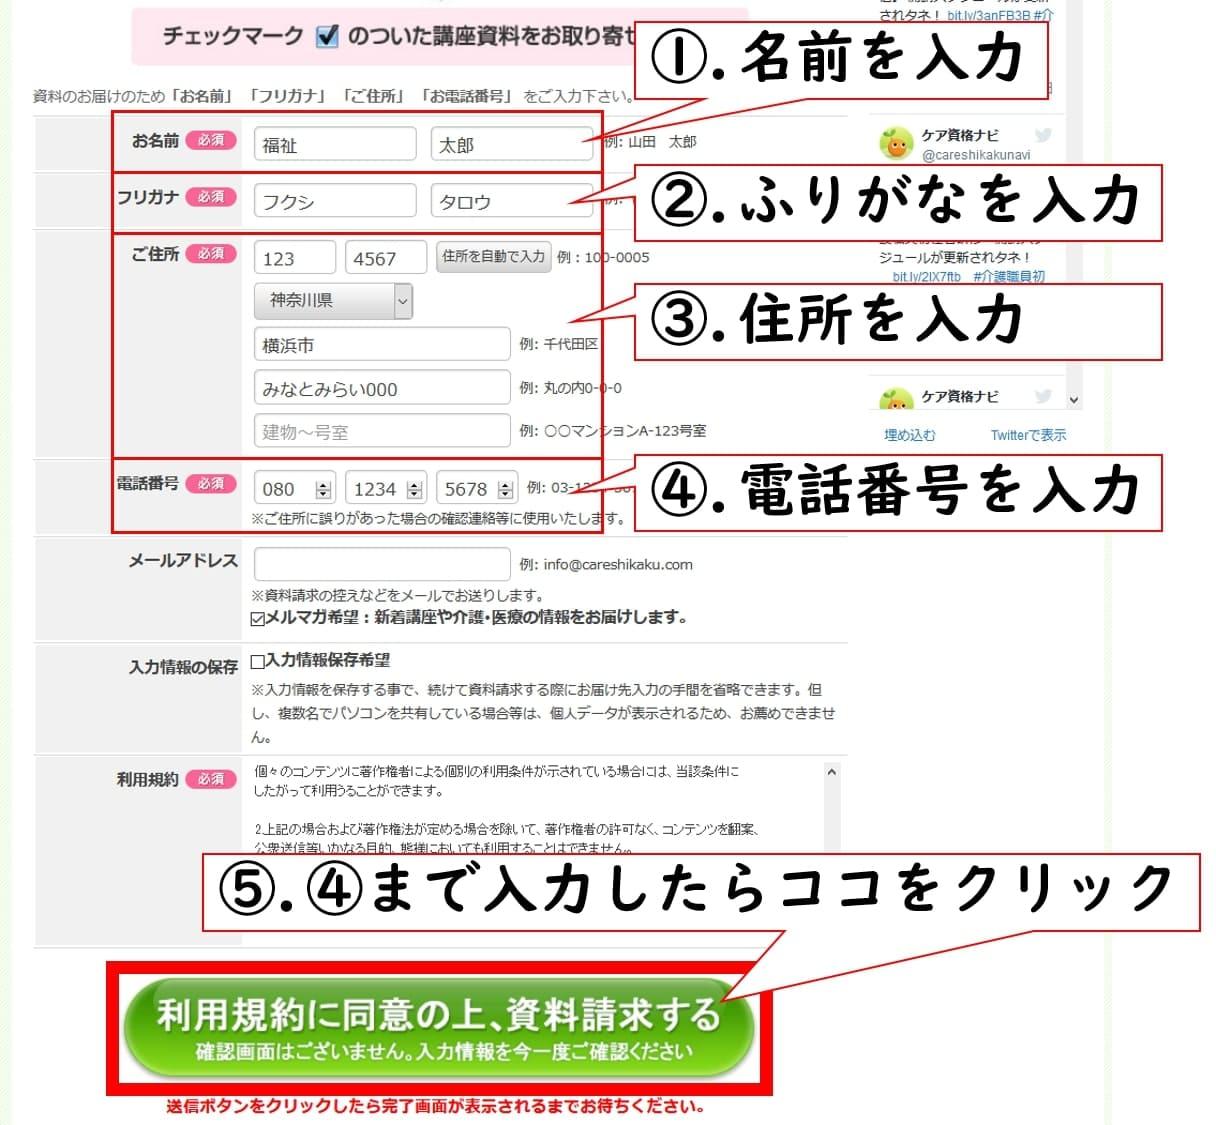 【簡単】ケア資格ナビで介護福祉士国家試験対策講座の資料請求する方法